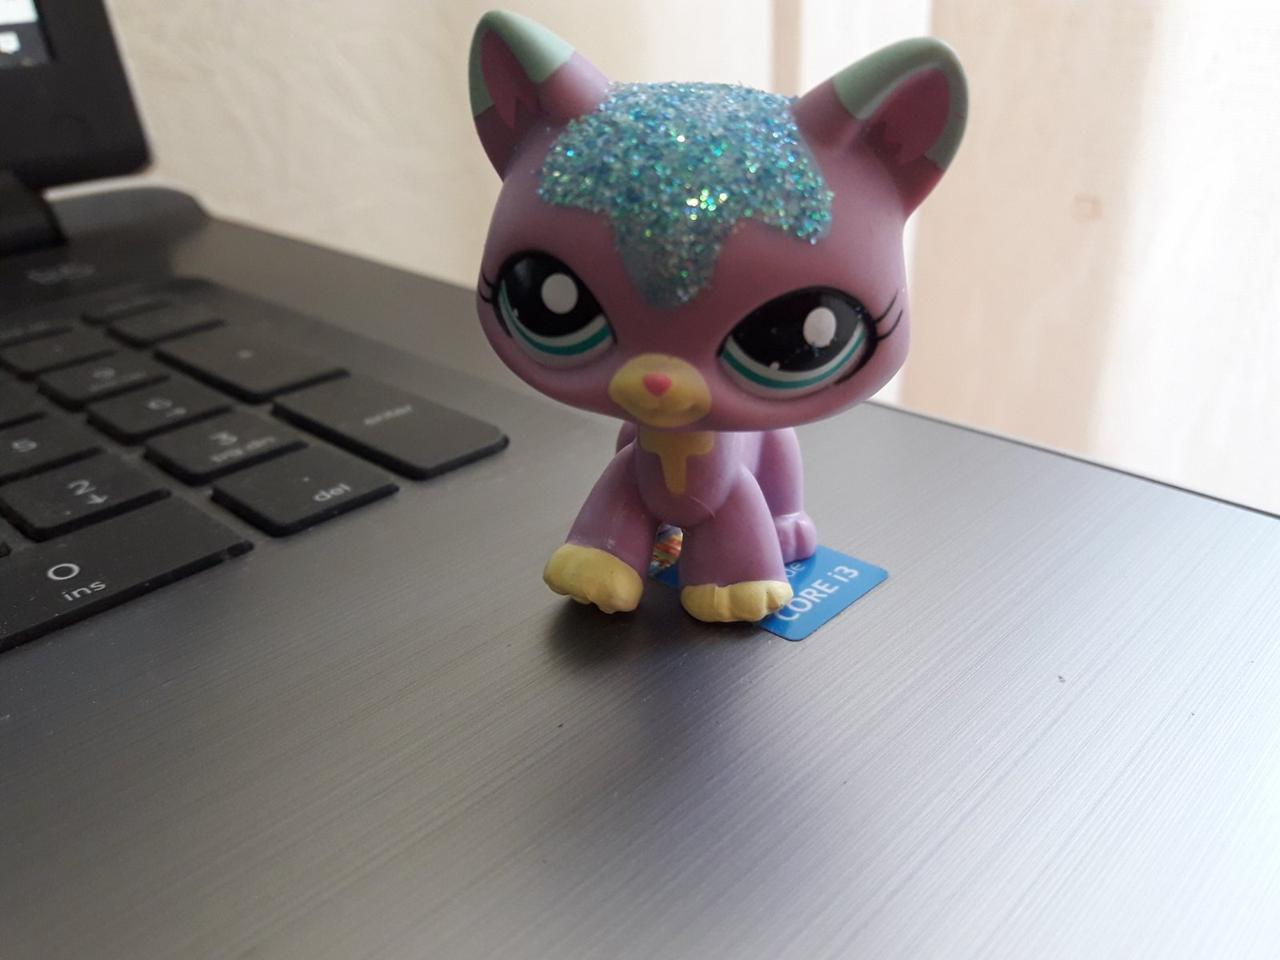 Lps littlest pet shop стоячки - лпс кошка Hasbro #2386-старая коллекция